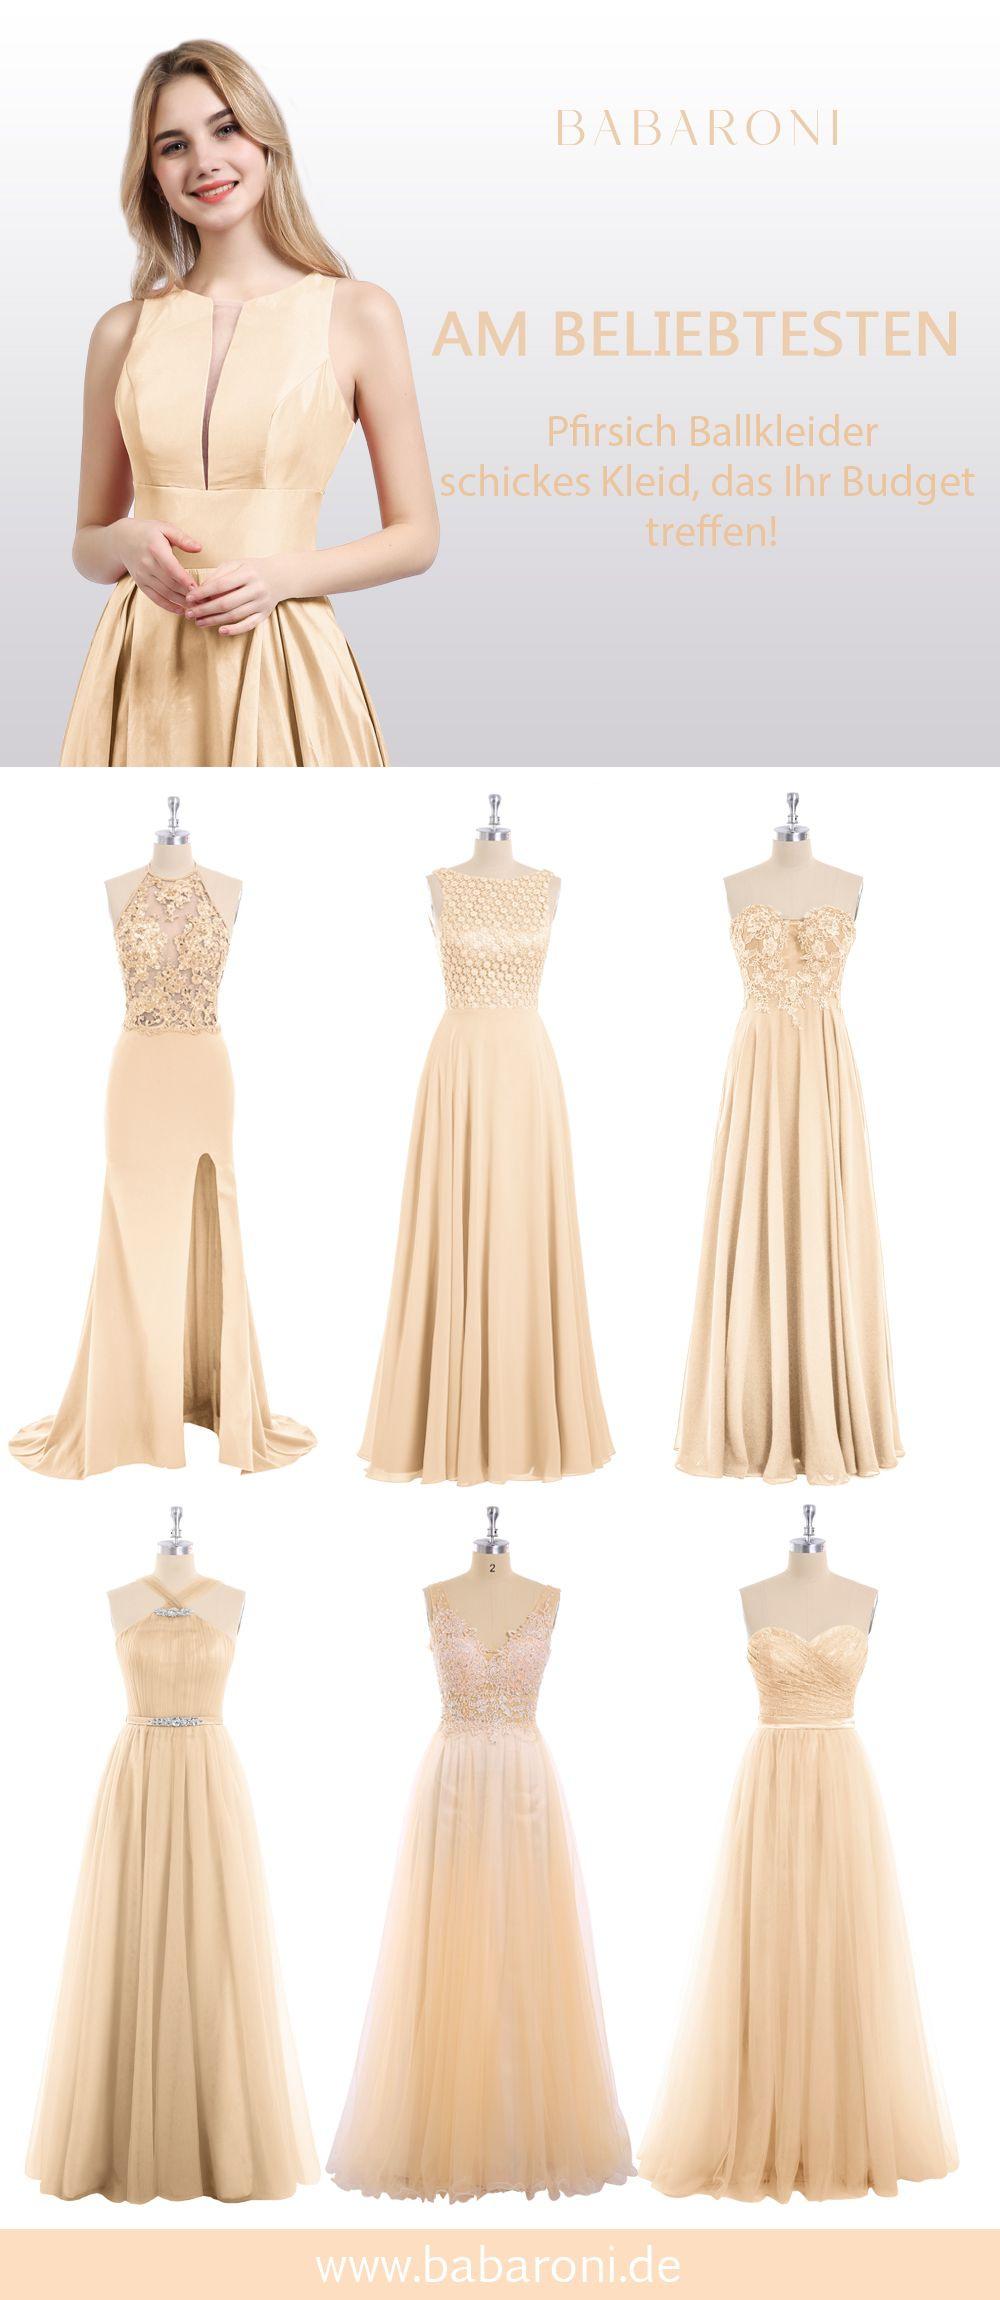 10 Großartig Abend Kleider Hochzeit SpezialgebietAbend Top Abend Kleider Hochzeit Galerie